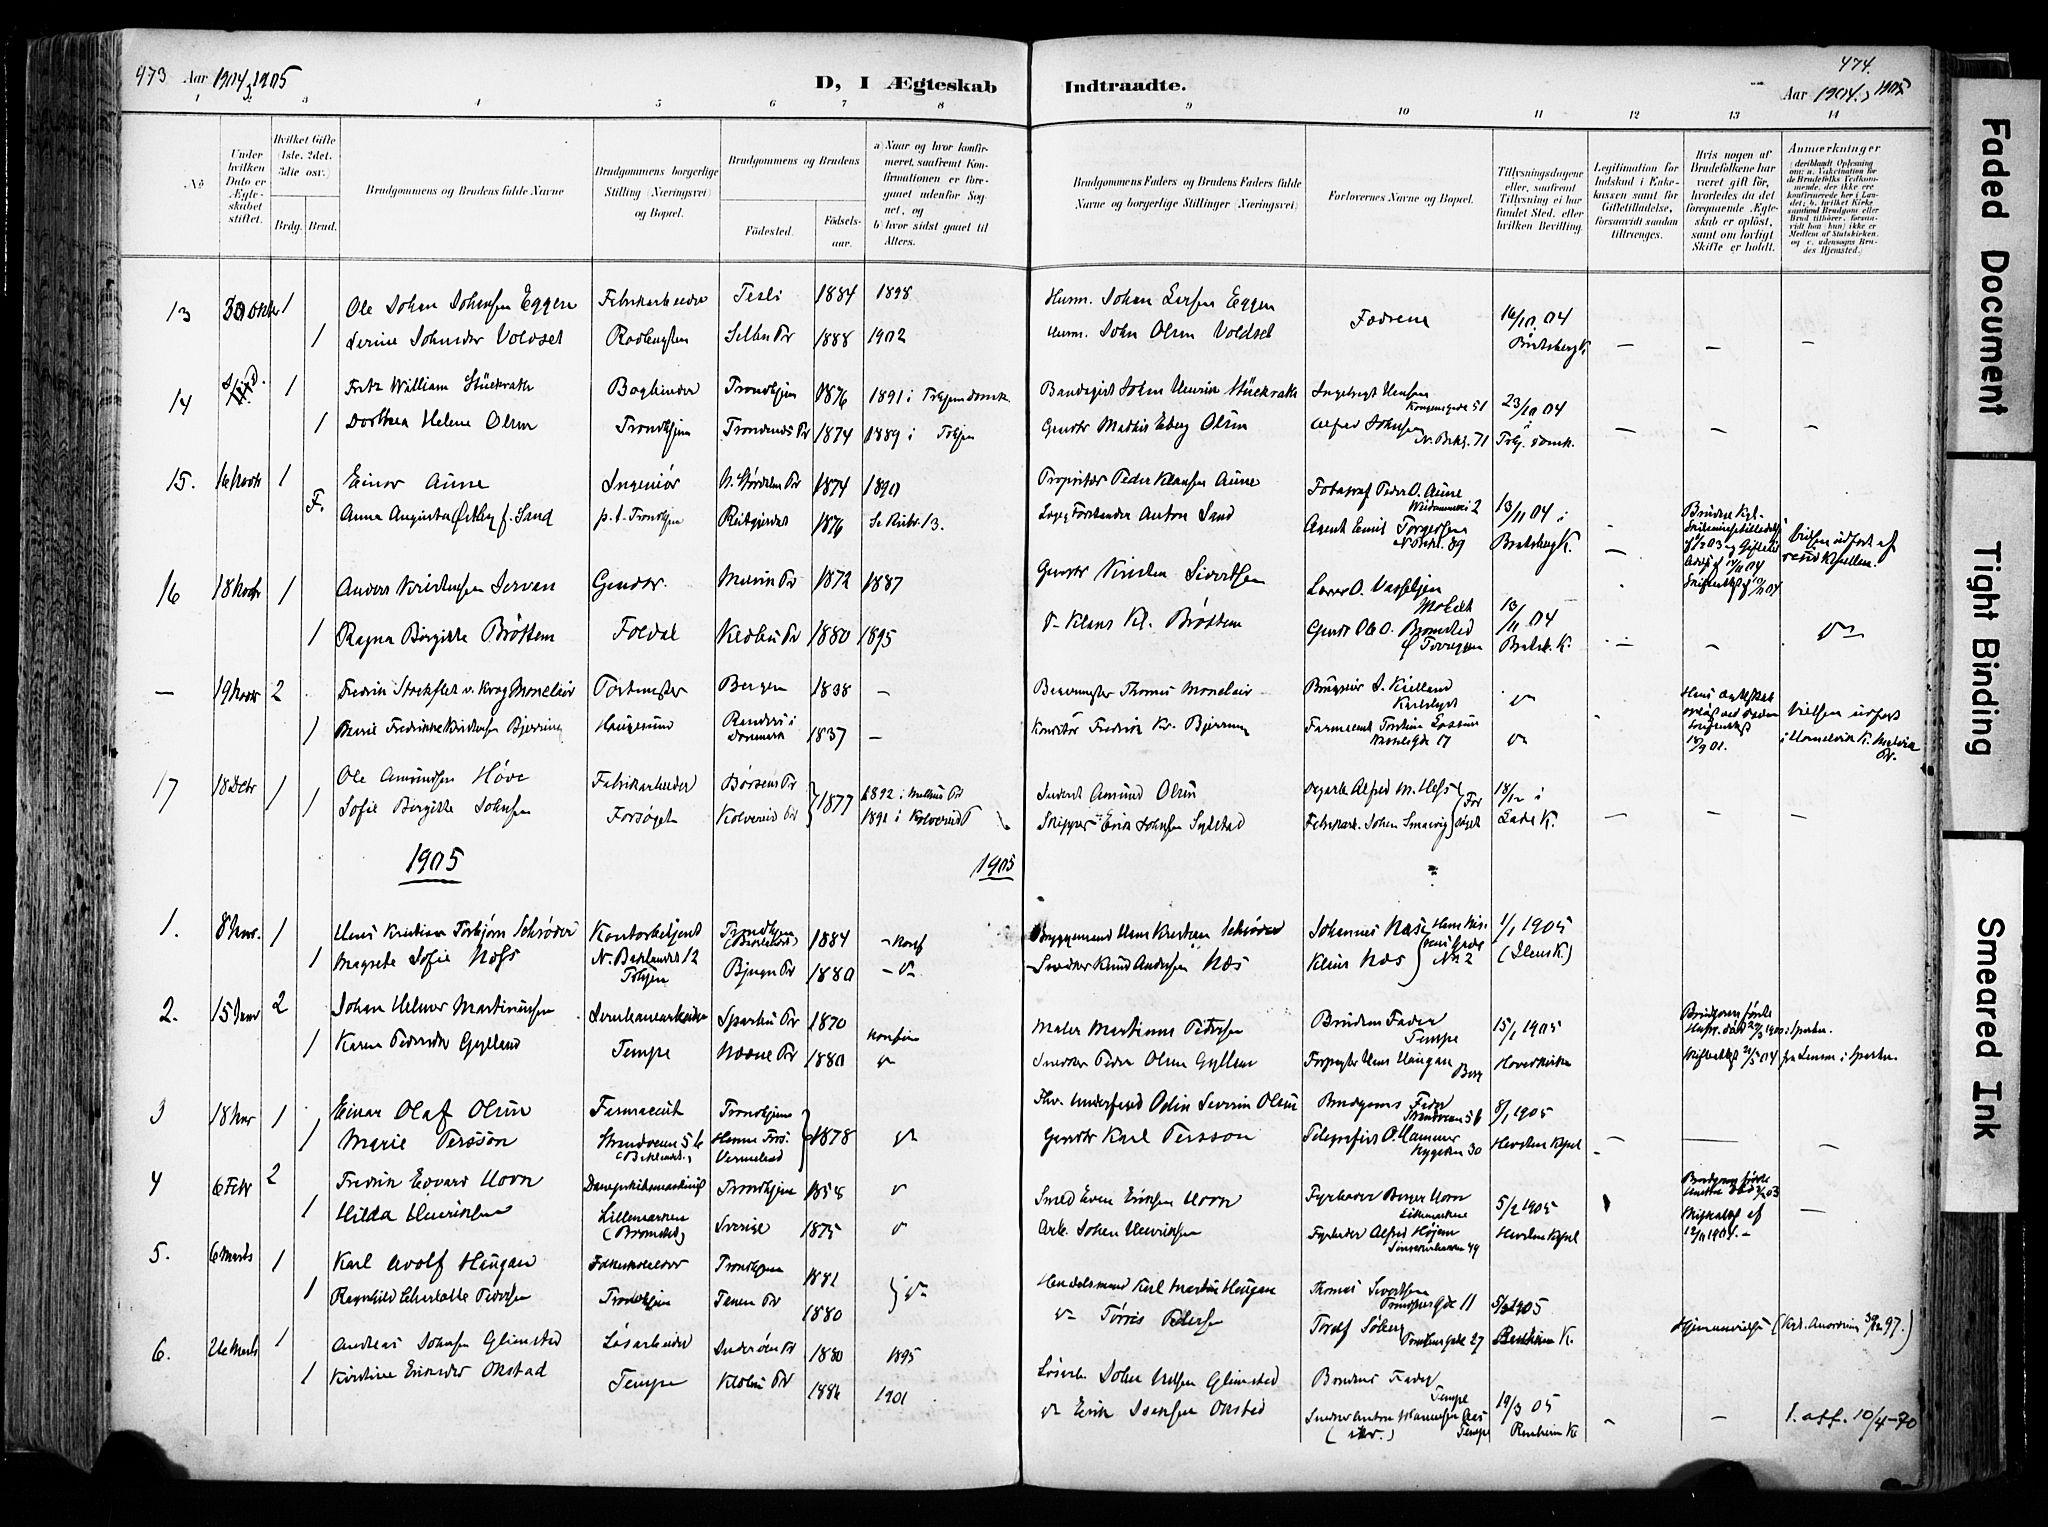 SAT, Ministerialprotokoller, klokkerbøker og fødselsregistre - Sør-Trøndelag, 606/L0301: Ministerialbok nr. 606A16, 1894-1907, s. 473-474